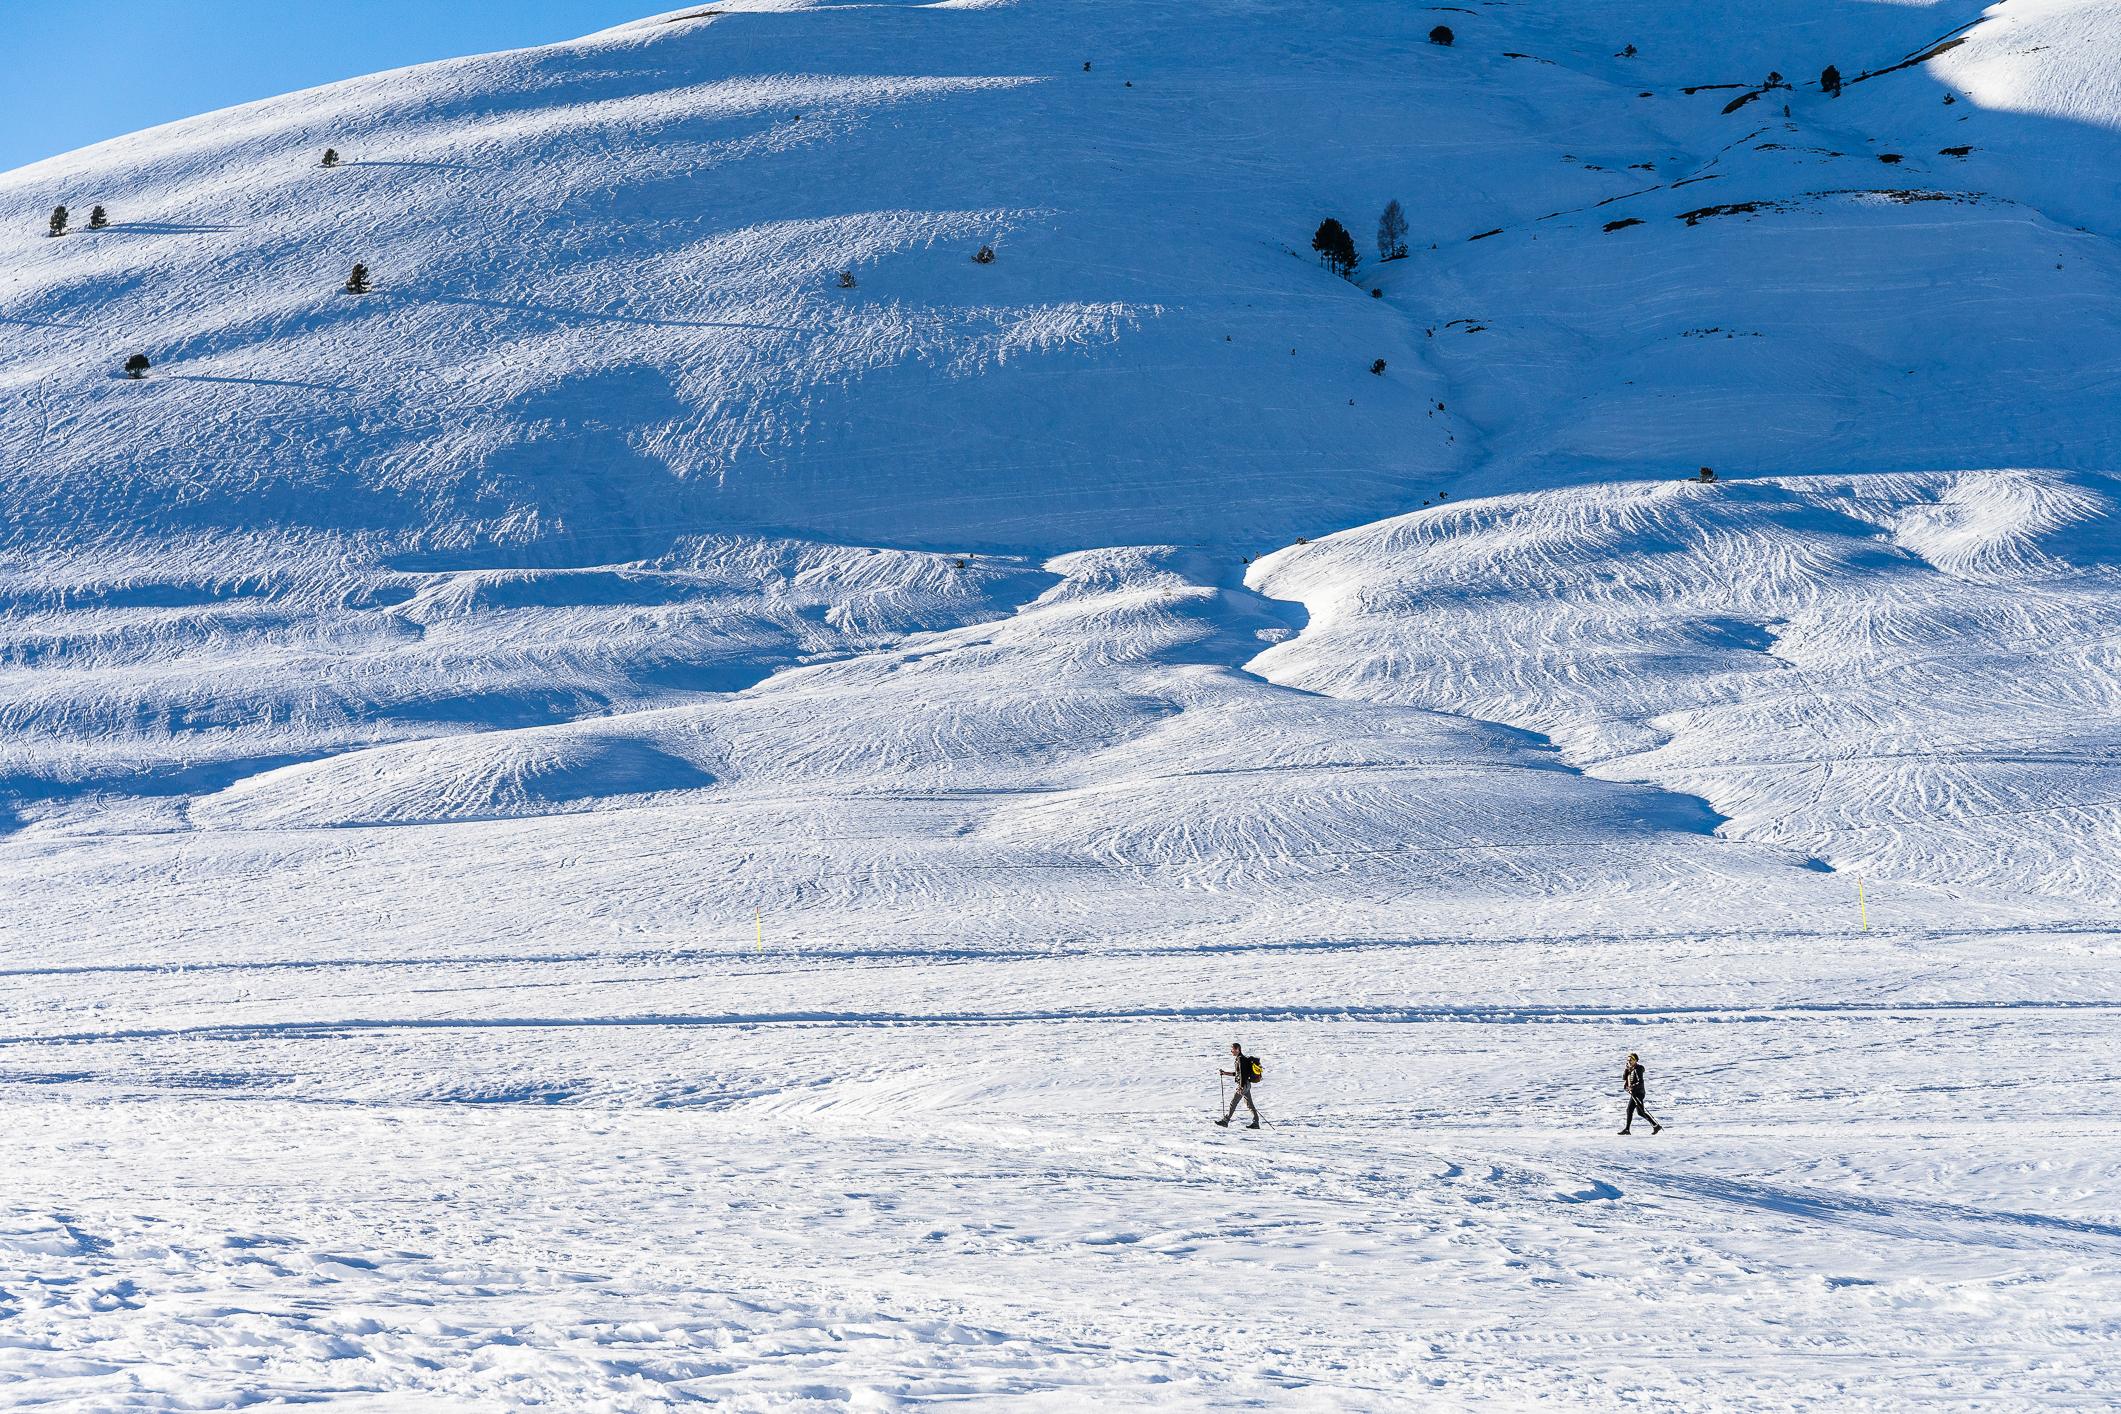 Regala a tu pareja un fin de semana en la nieve